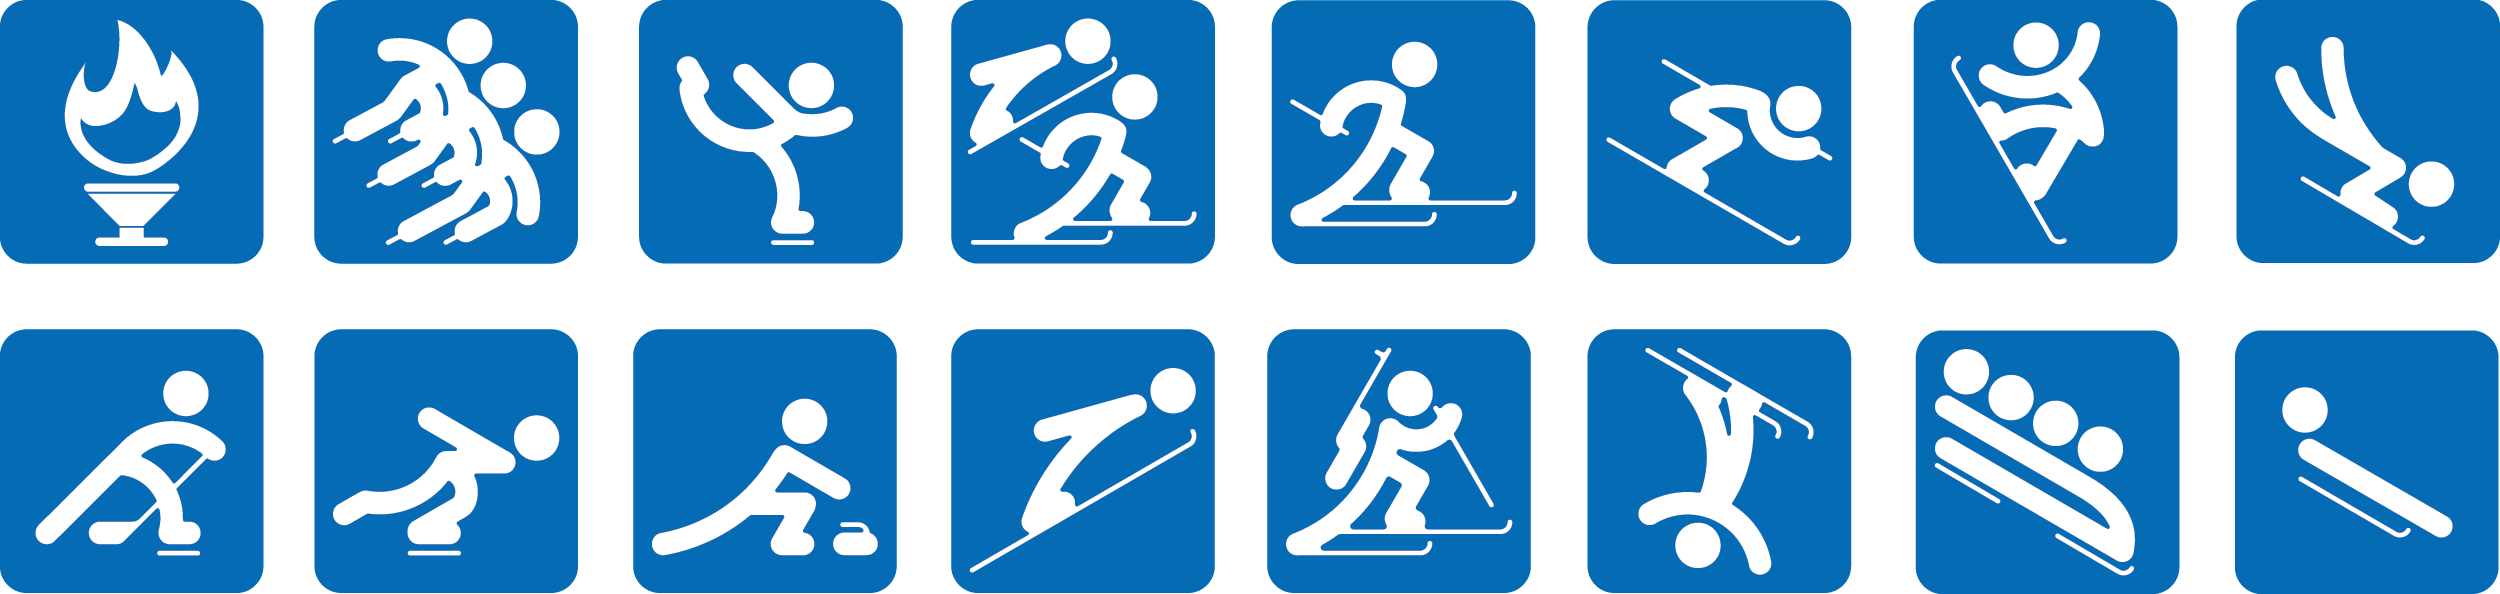 Спортивные значки видов спорта картинки